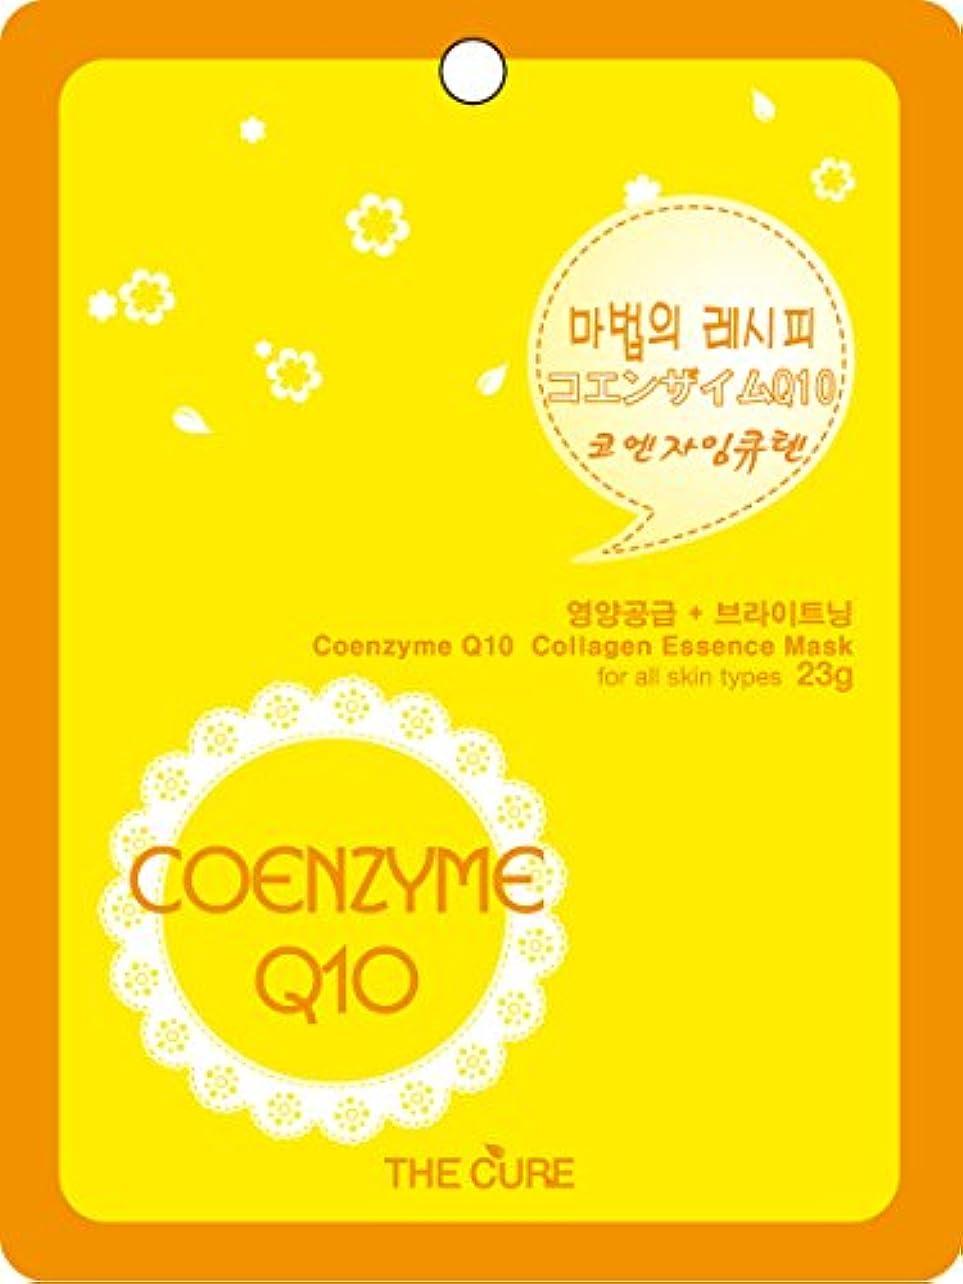 安定そこ見つけるコエンザイムQ10 コラーゲン エッセンス マスク THE CURE シート パック 100枚セット 韓国 コスメ 乾燥肌 オイリー肌 混合肌